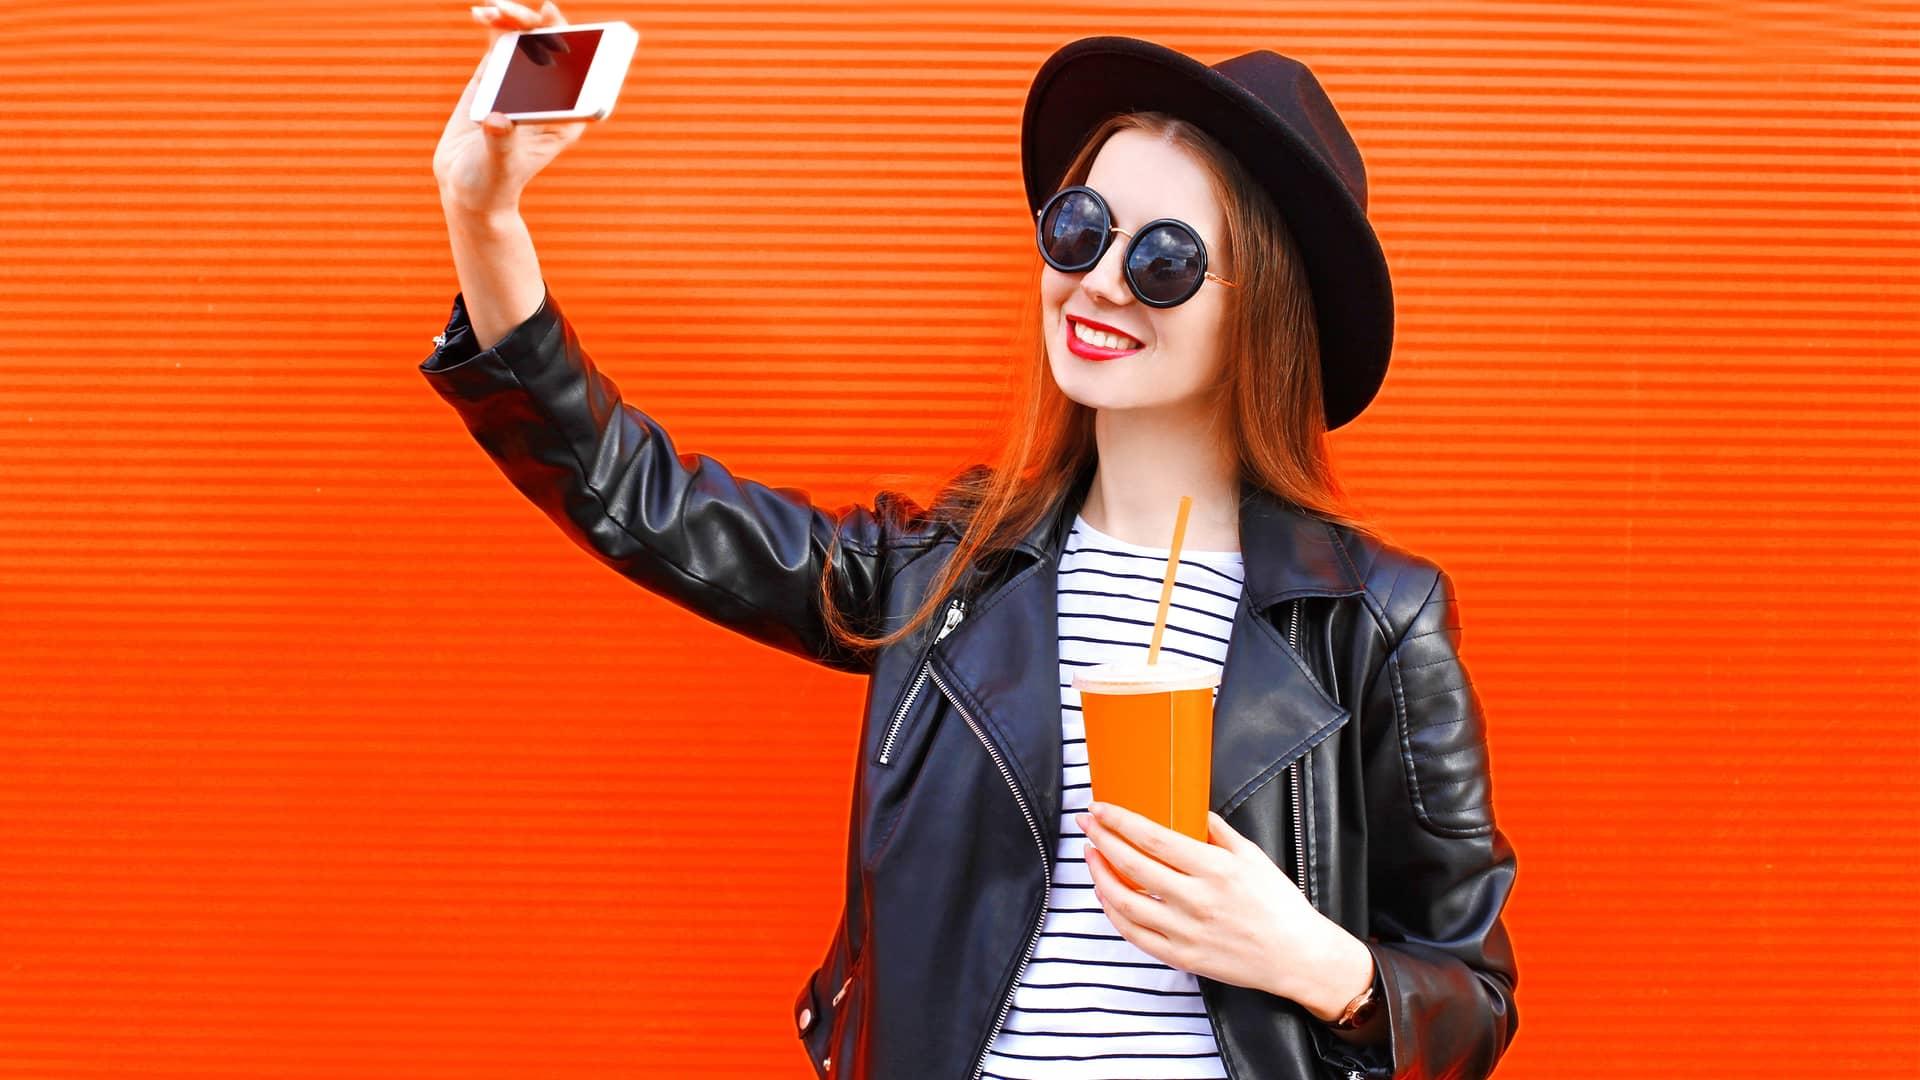 Joven haciendose un selfie con su bebida favorita simboliza móviles euskaltel